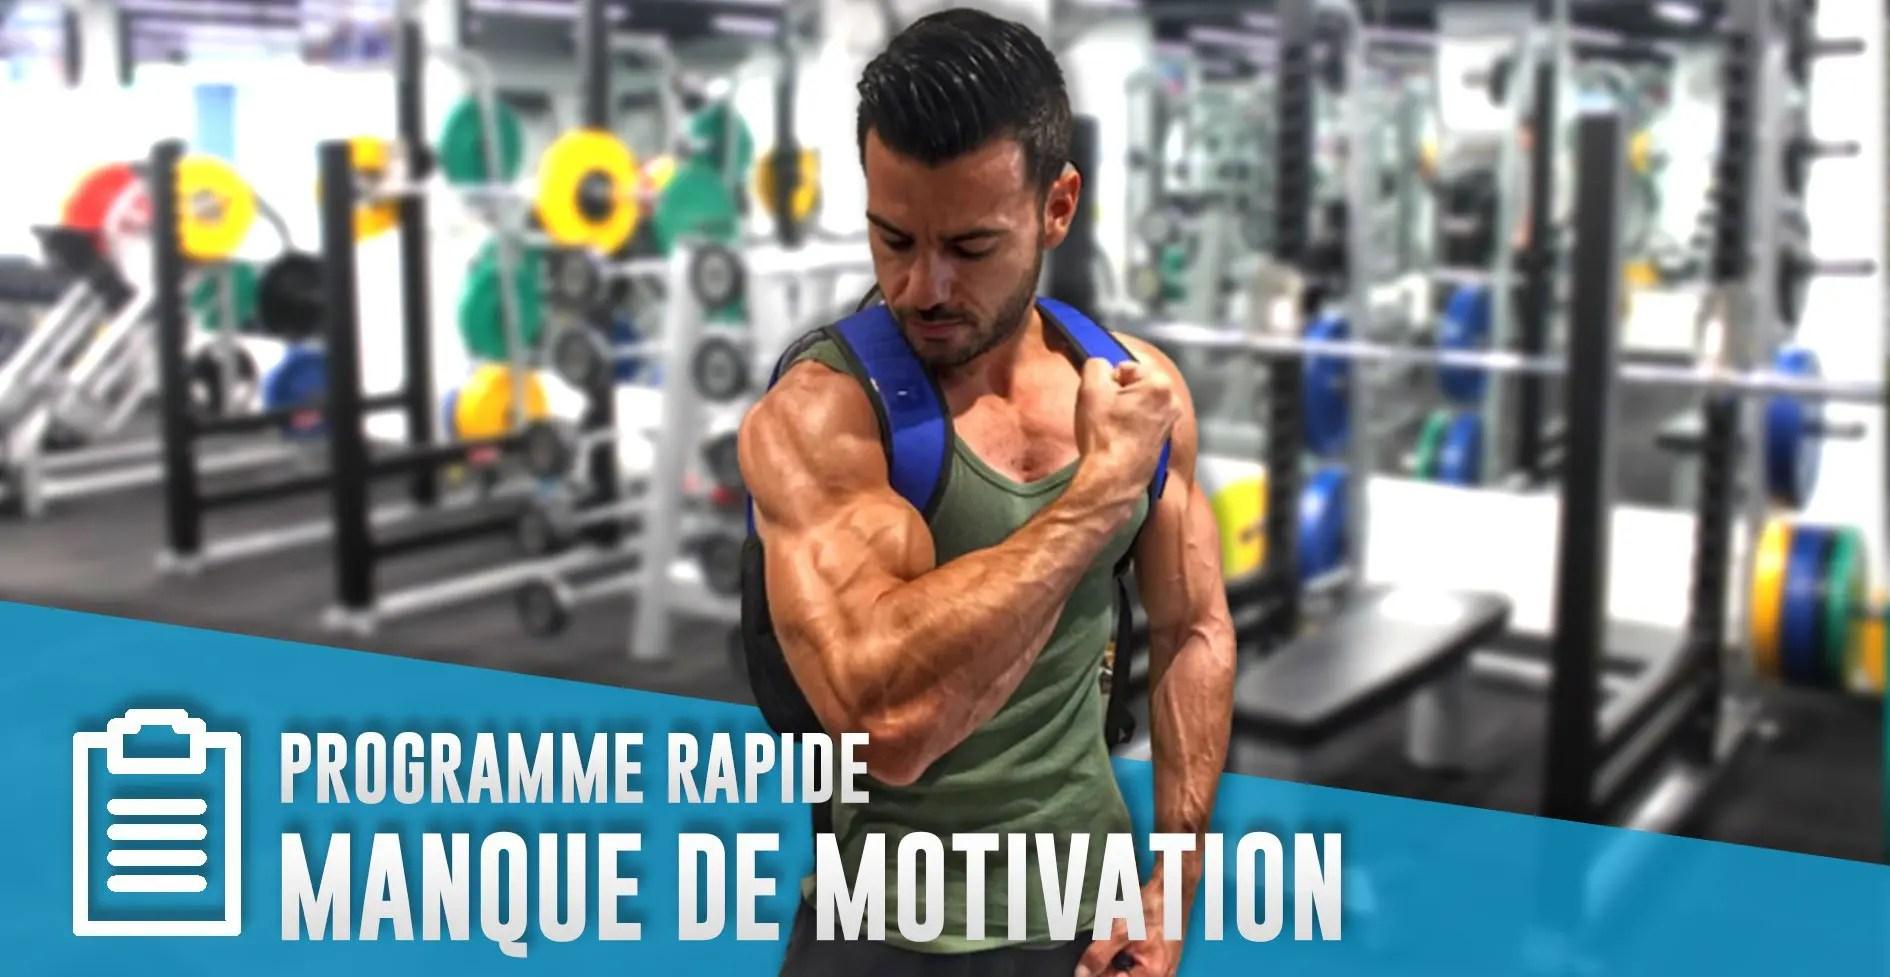 Comment se muscler sans avoir de motivation